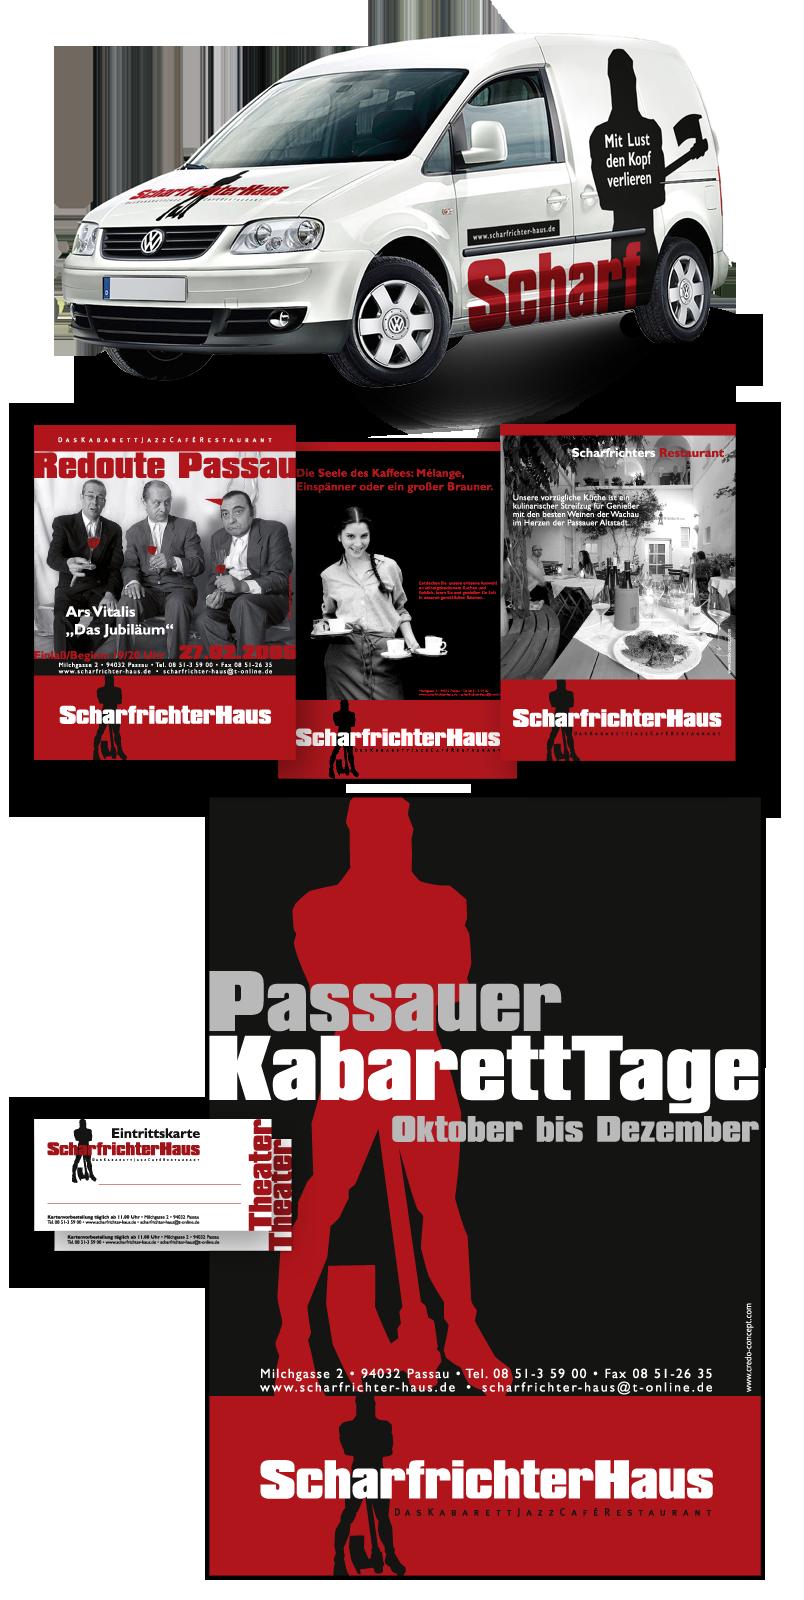 ScharfrichterHaus / communication